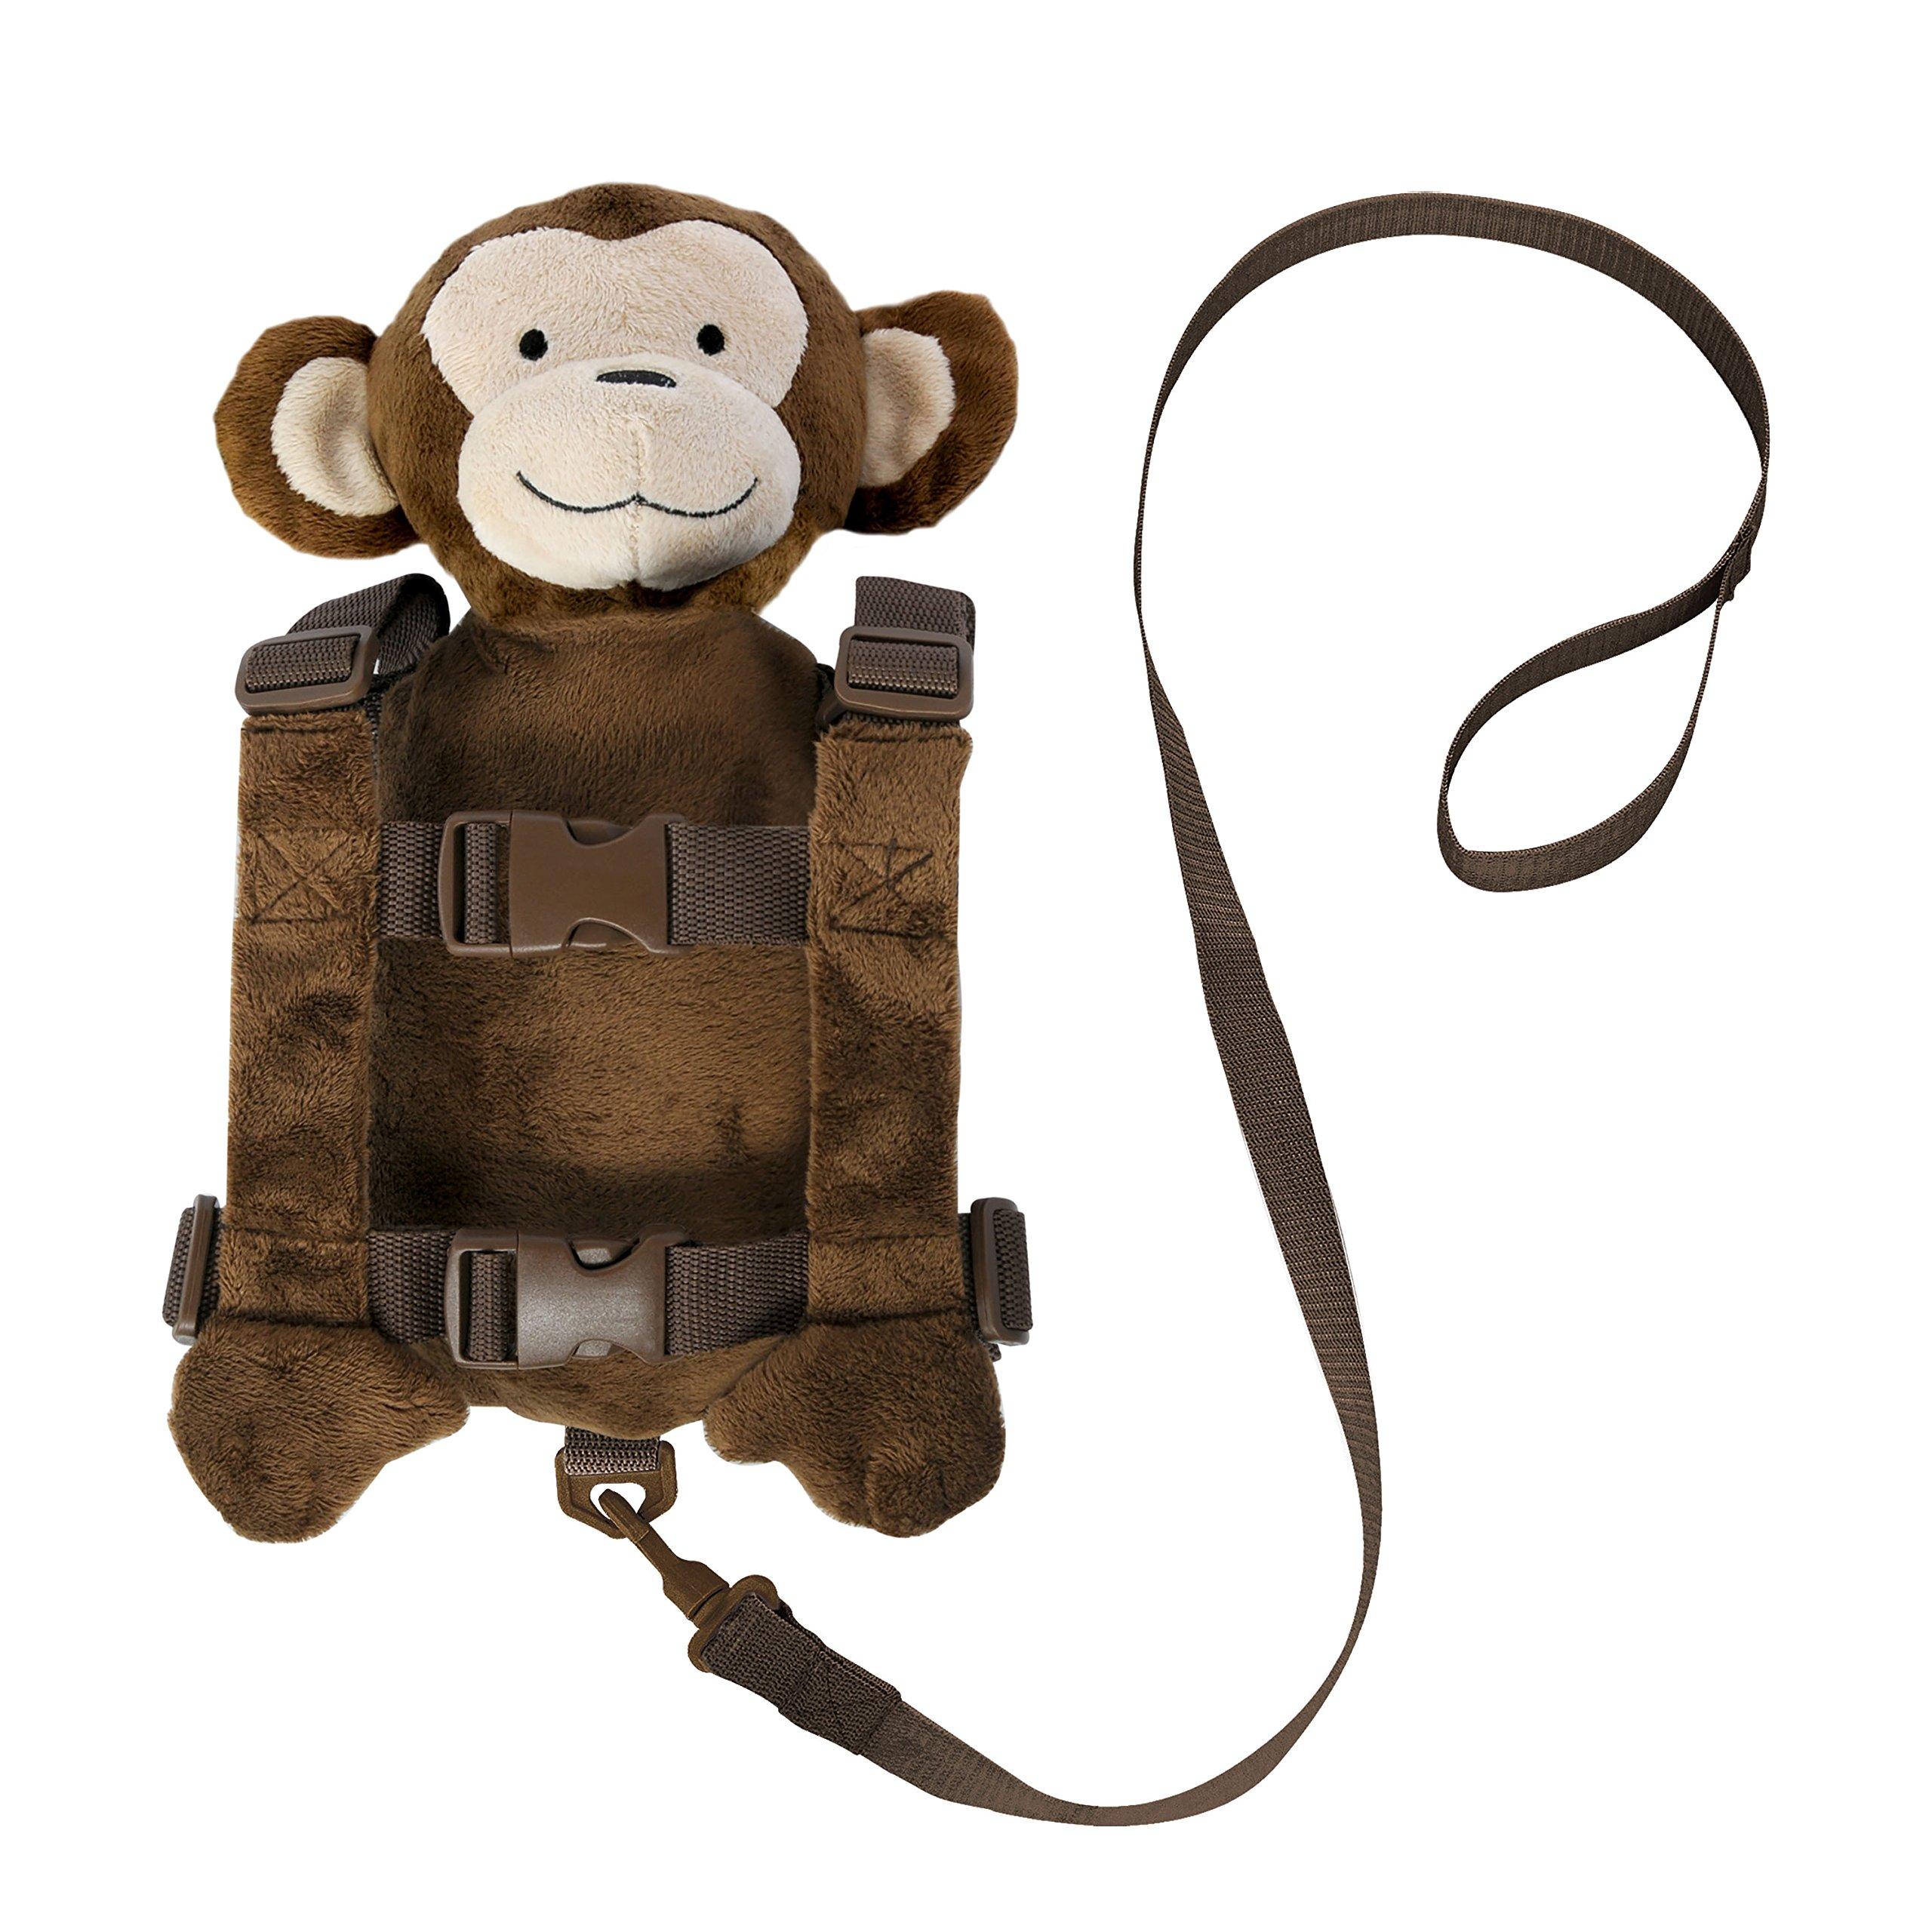 Goldbug - Animal 2 in 1 Child Safety Harness - Monkey by Goldbug